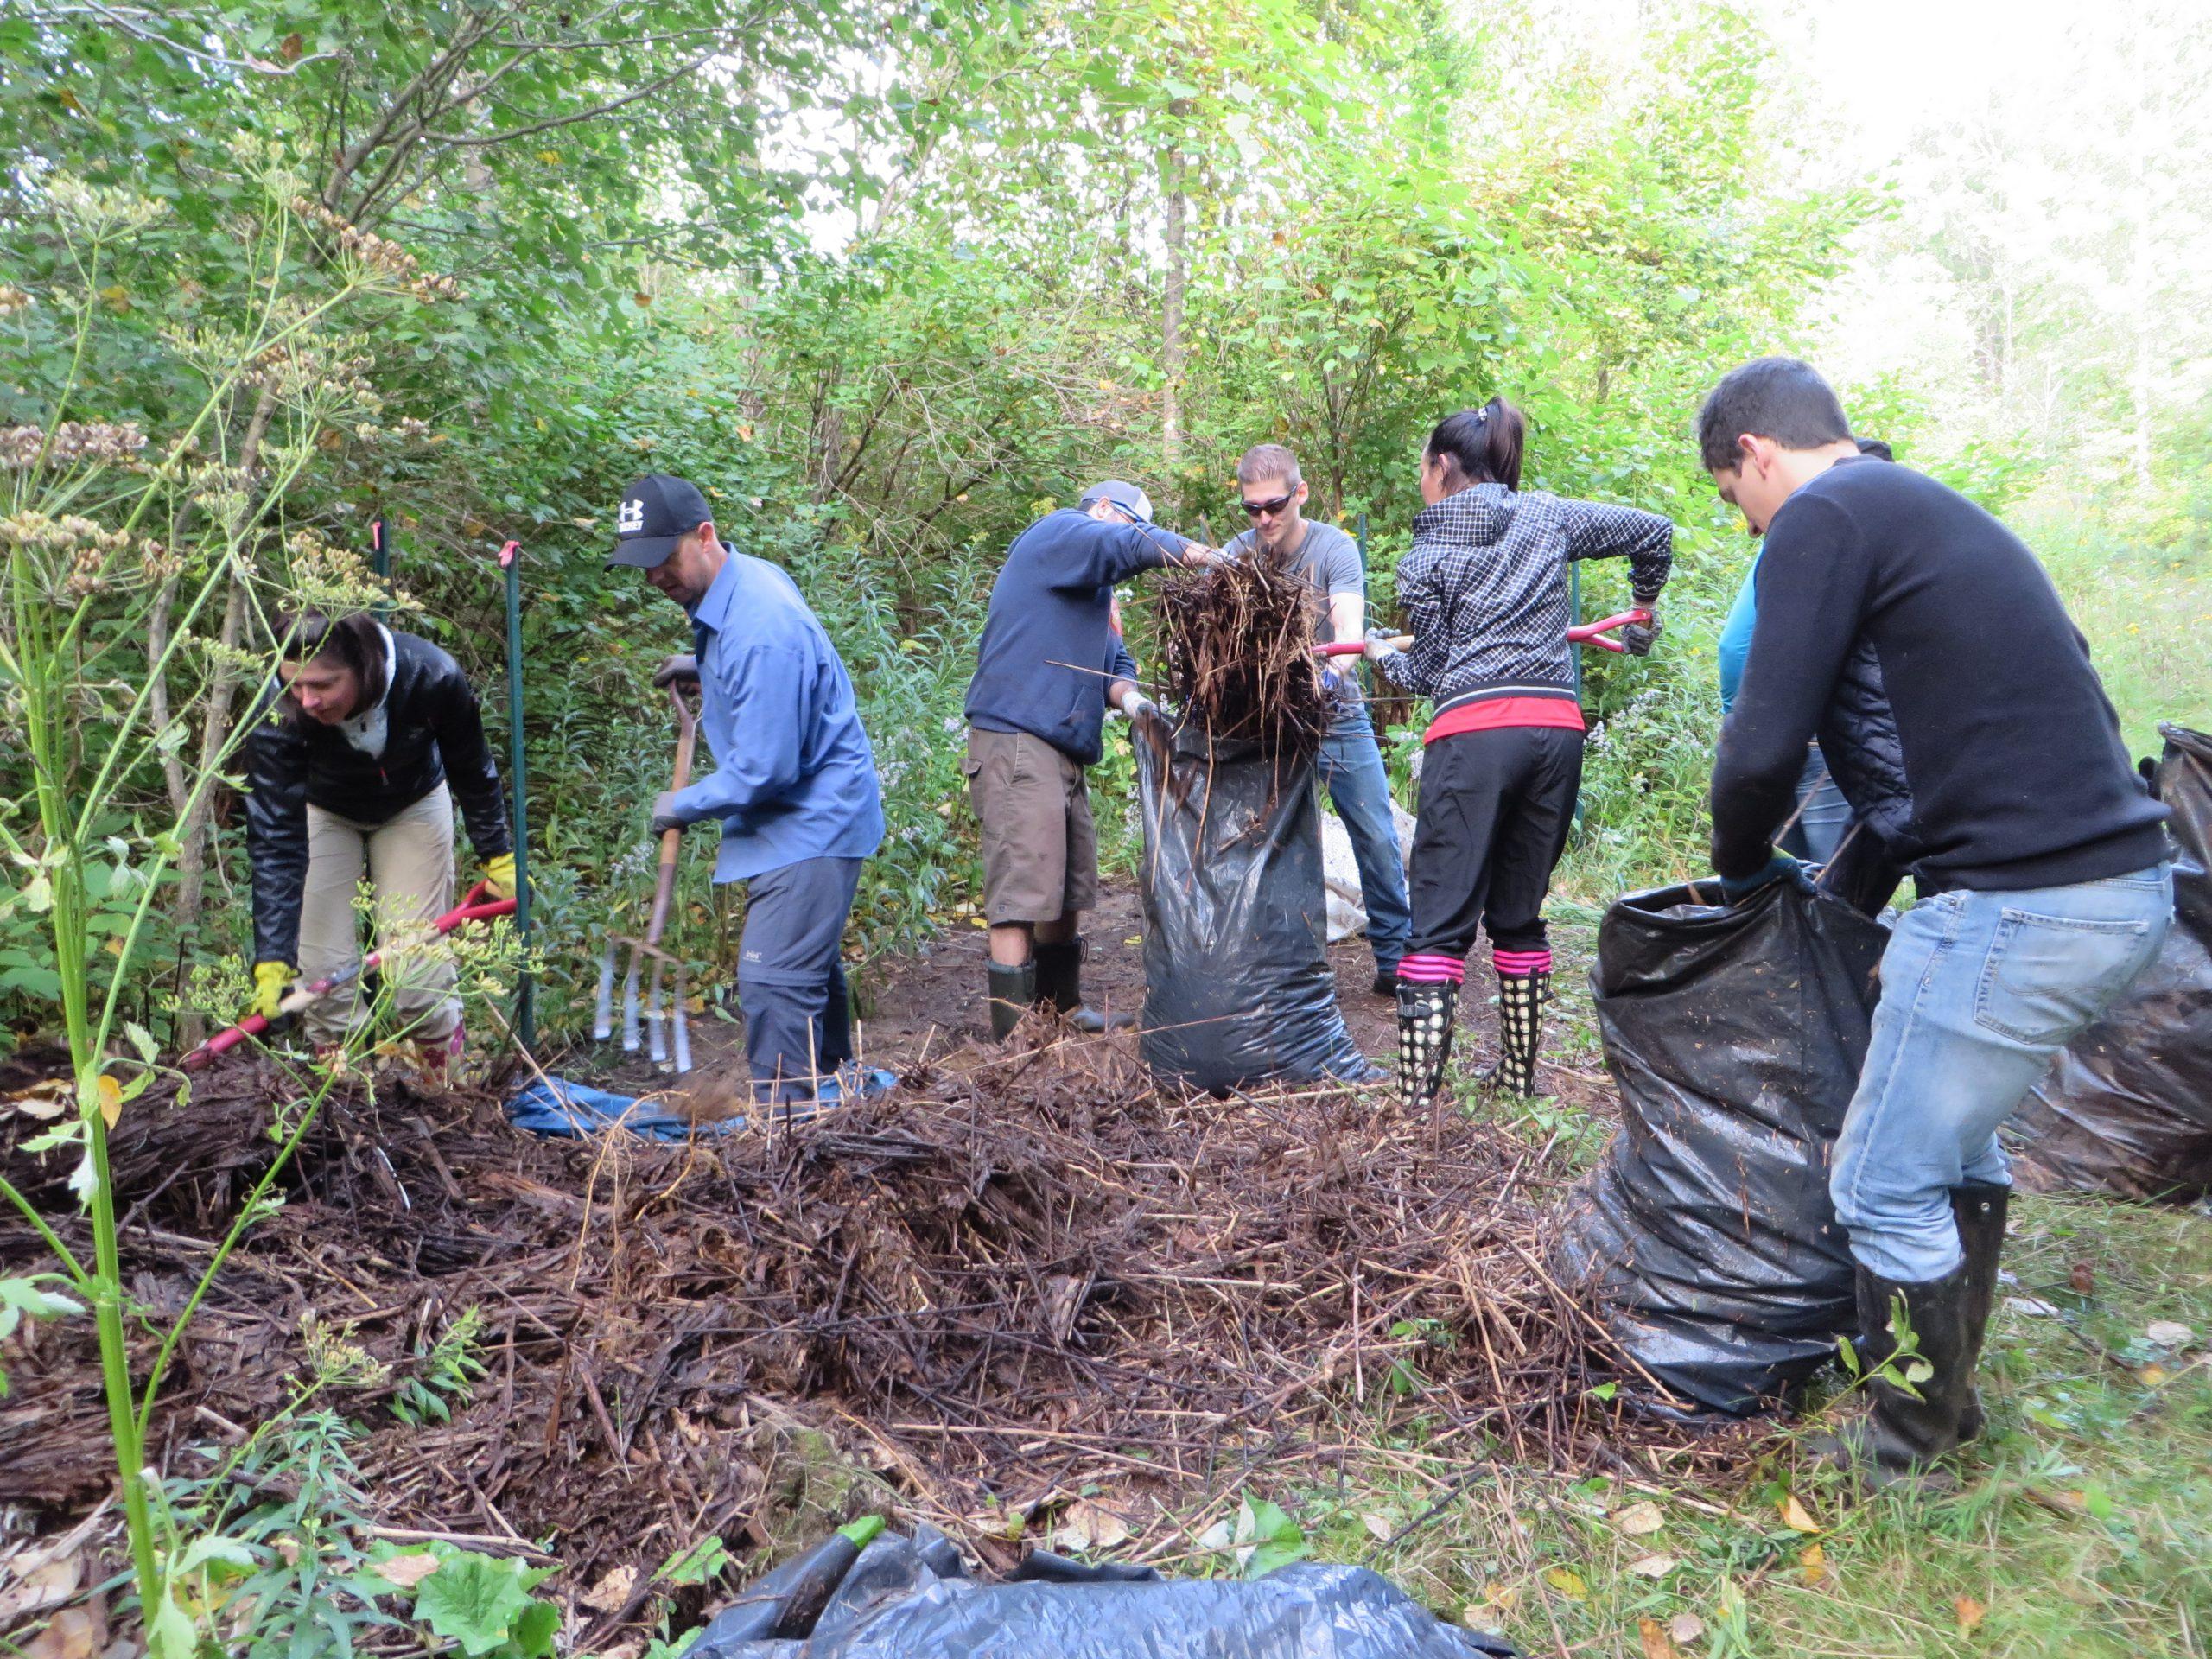 Ensachage de tiges de roseau par des bénévoles d'Intact Assurance. Photo: Réhaume Courtois.